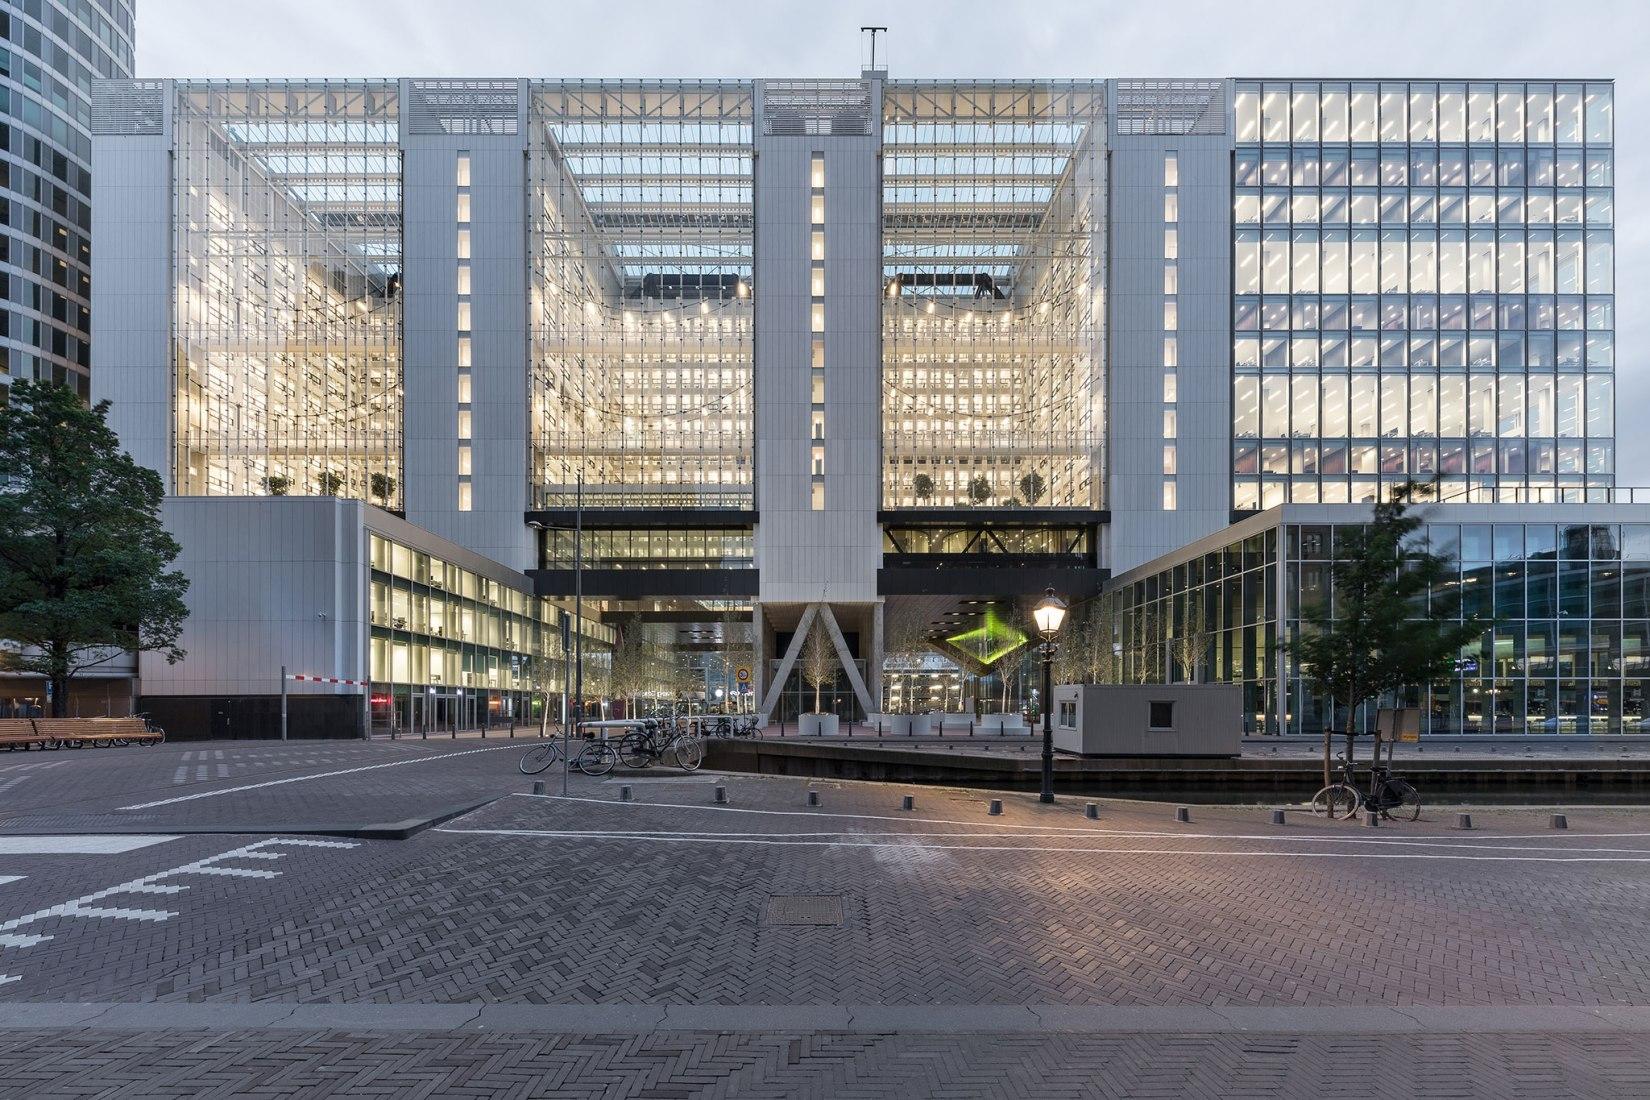 Vista exterior acceso. Rijnstraat 8 por OMA. Fotografía de Delfino Sisto Legnani y Marco Cappelletti, cortesía de OMA.